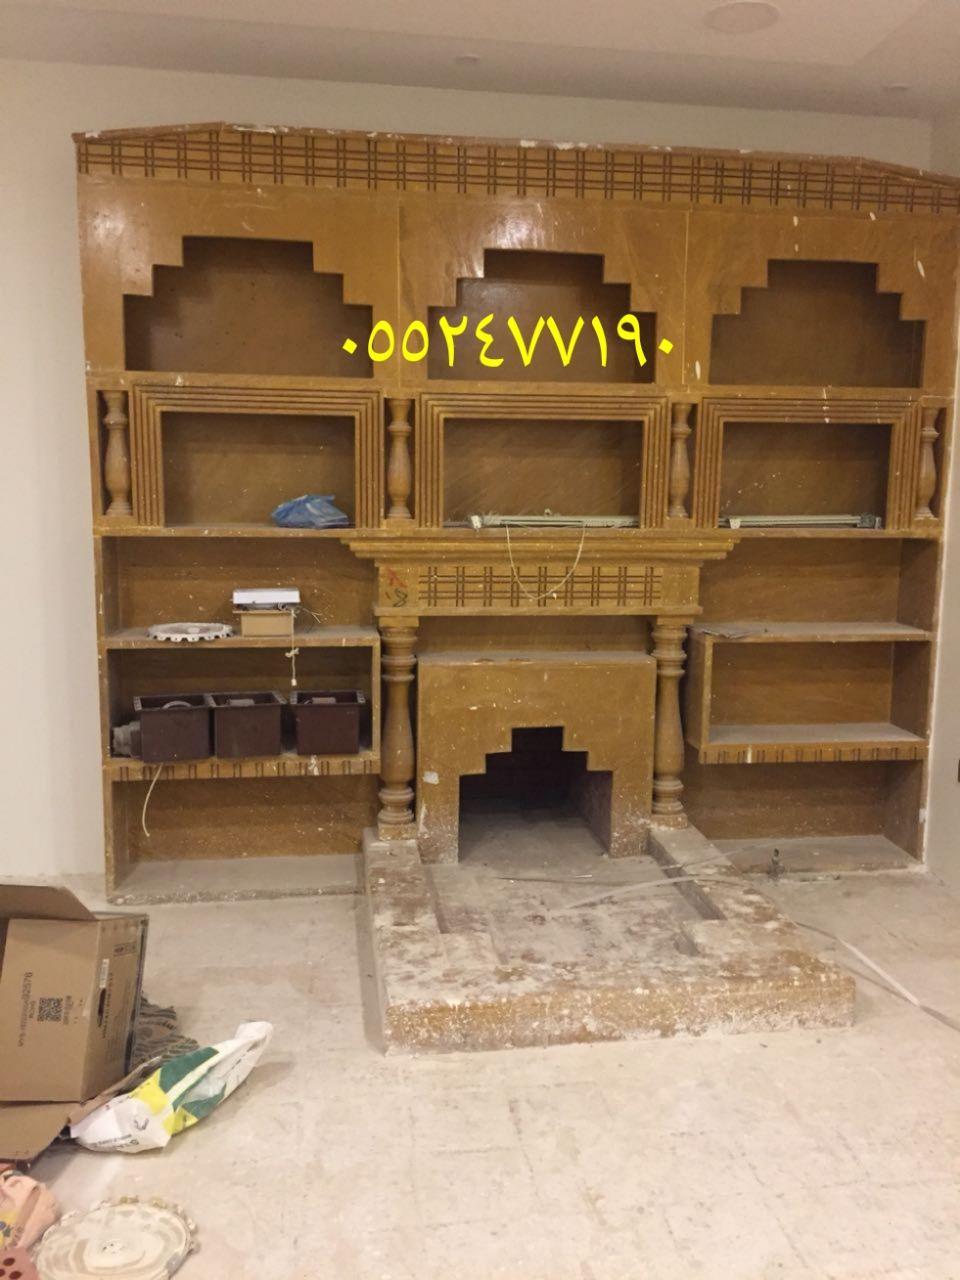 مشبات صورمشبات ديكورات مشبات صور مشبات مشبات نار مشبات ضوء مشبات رخام مشبات حجر مشبات طوب مشبات جبس مشبات مودرن مشبات ناعمه مشبات خ Fireplace Decor Home Decor